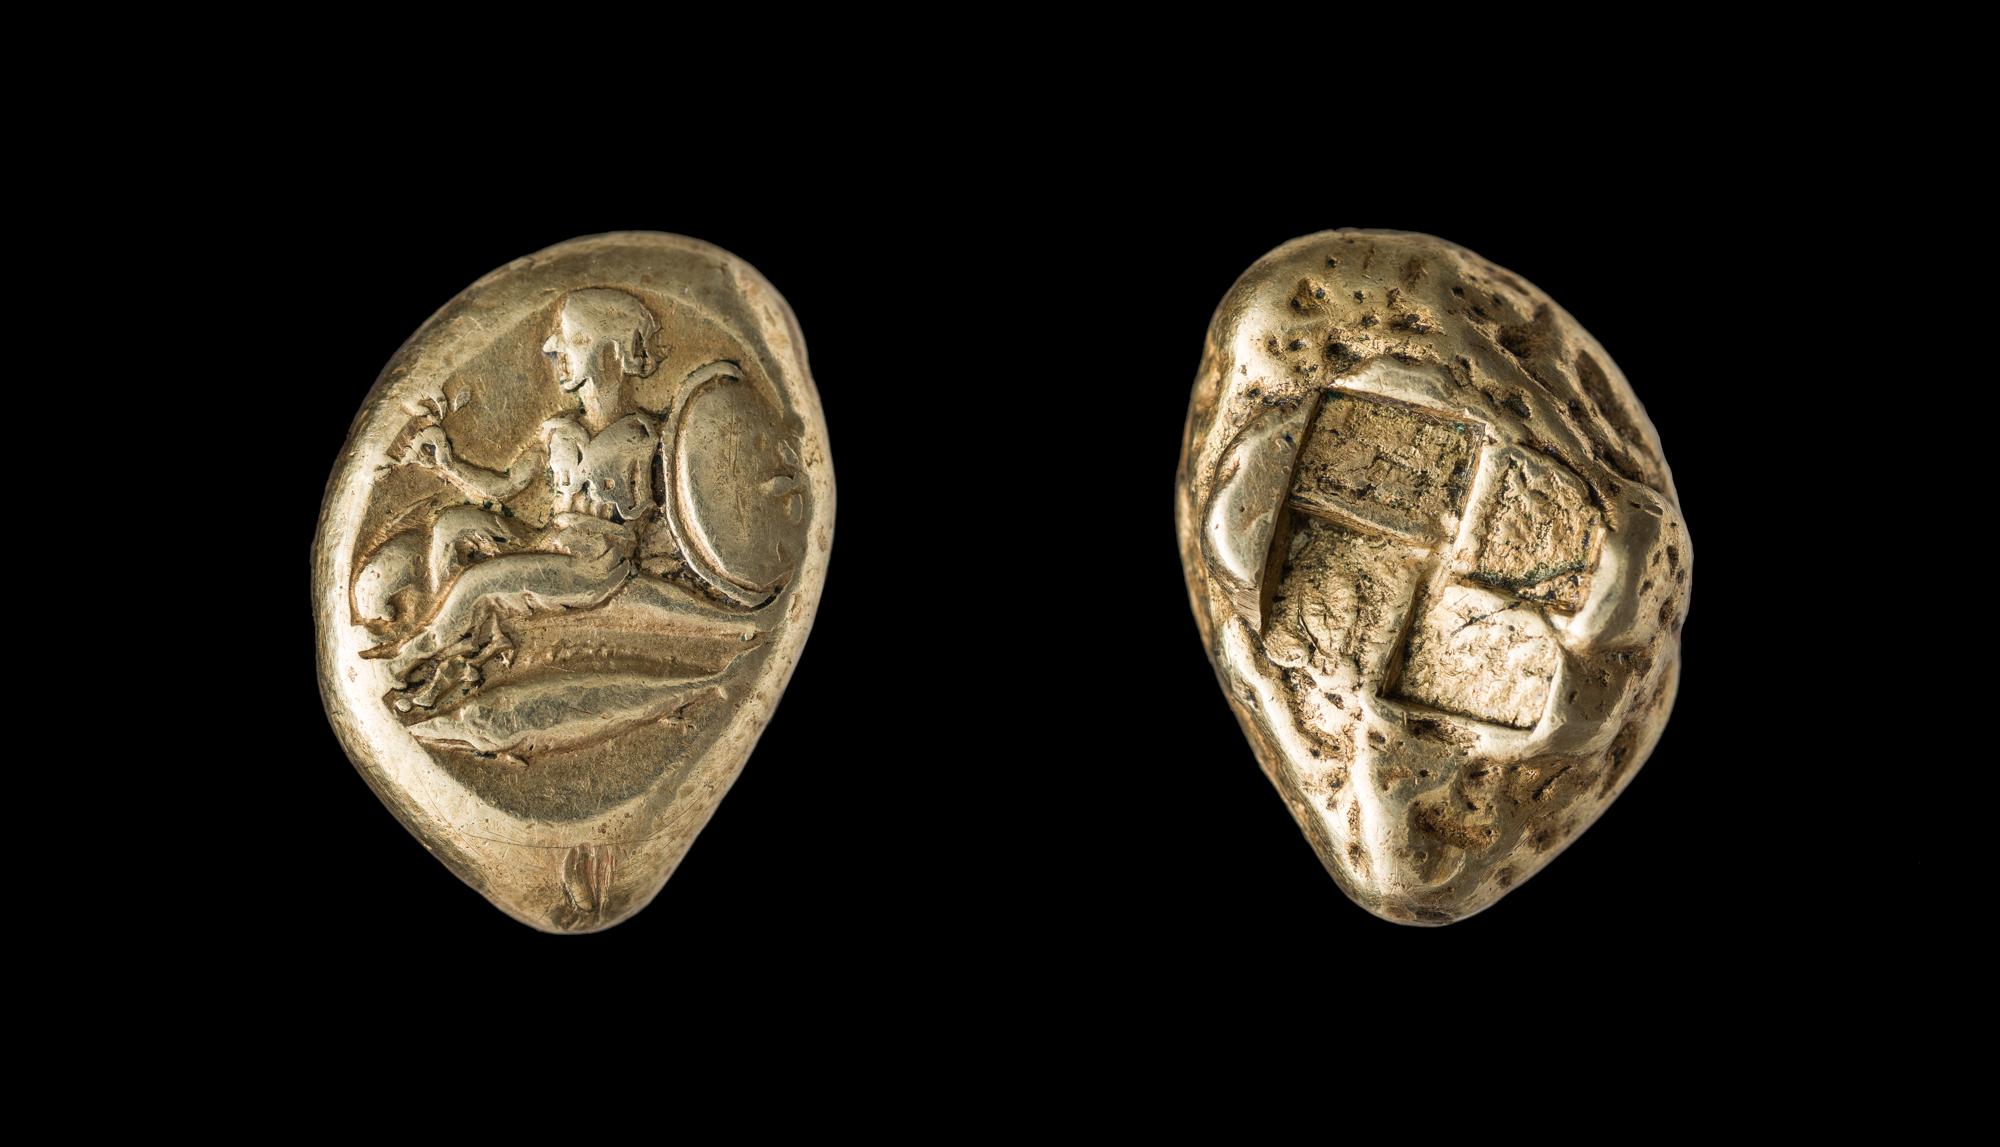 Электровый статер Кизика. 460–400гг. до н.э. Приобретён у Т.Г.Оболдуевой. Фотография Г.Г.Сапожникова